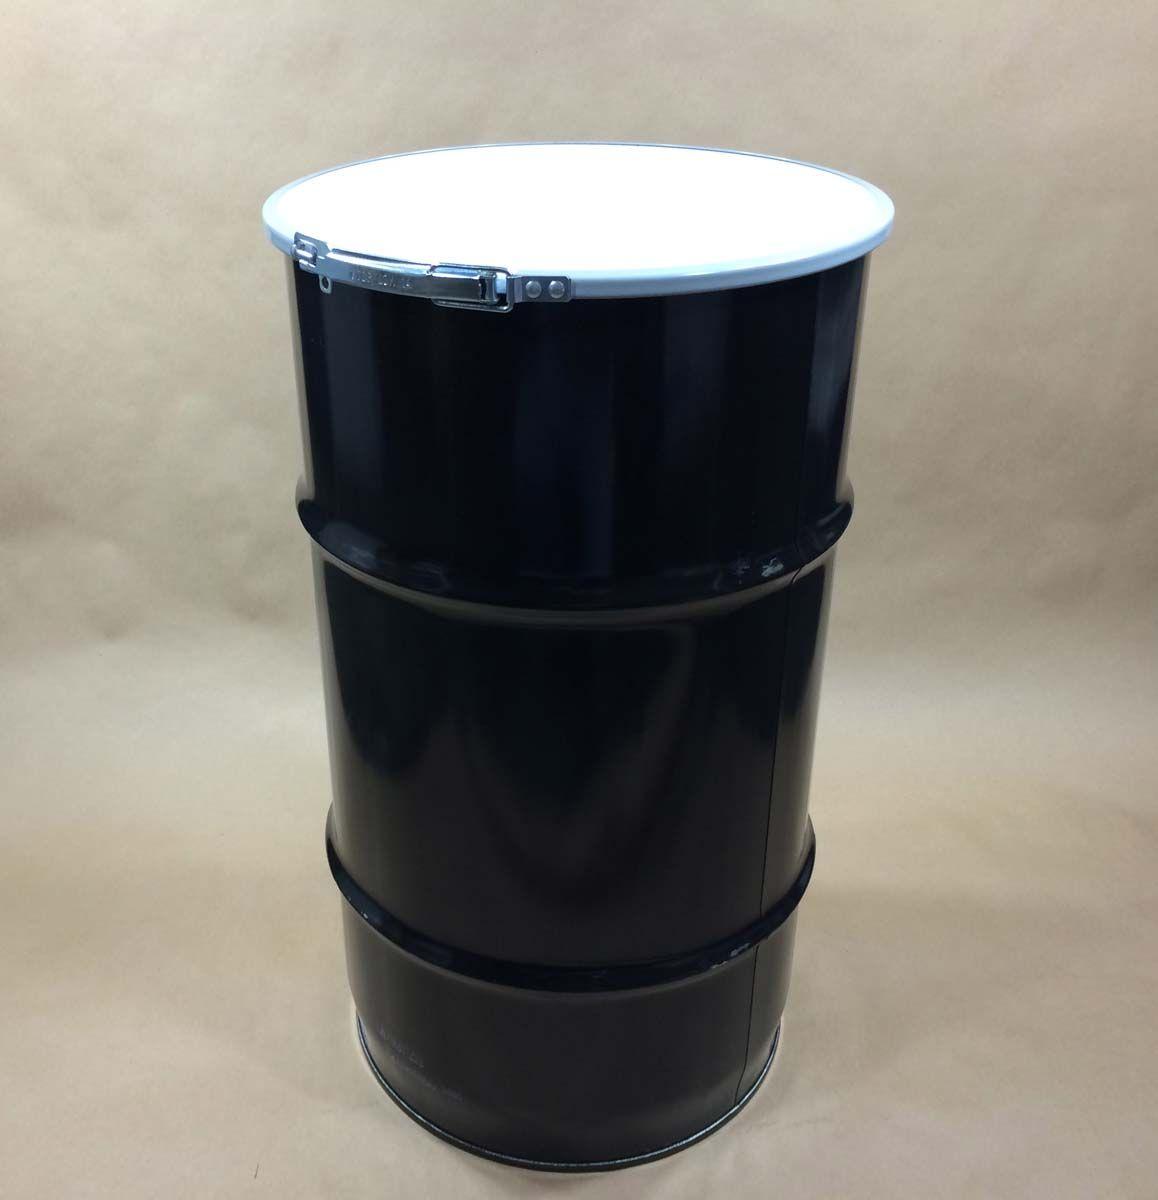 15 Gallon Open Head Steel Drum Manufactured By Williamsport Steel Container Steel Drum Steel Barrel Steel